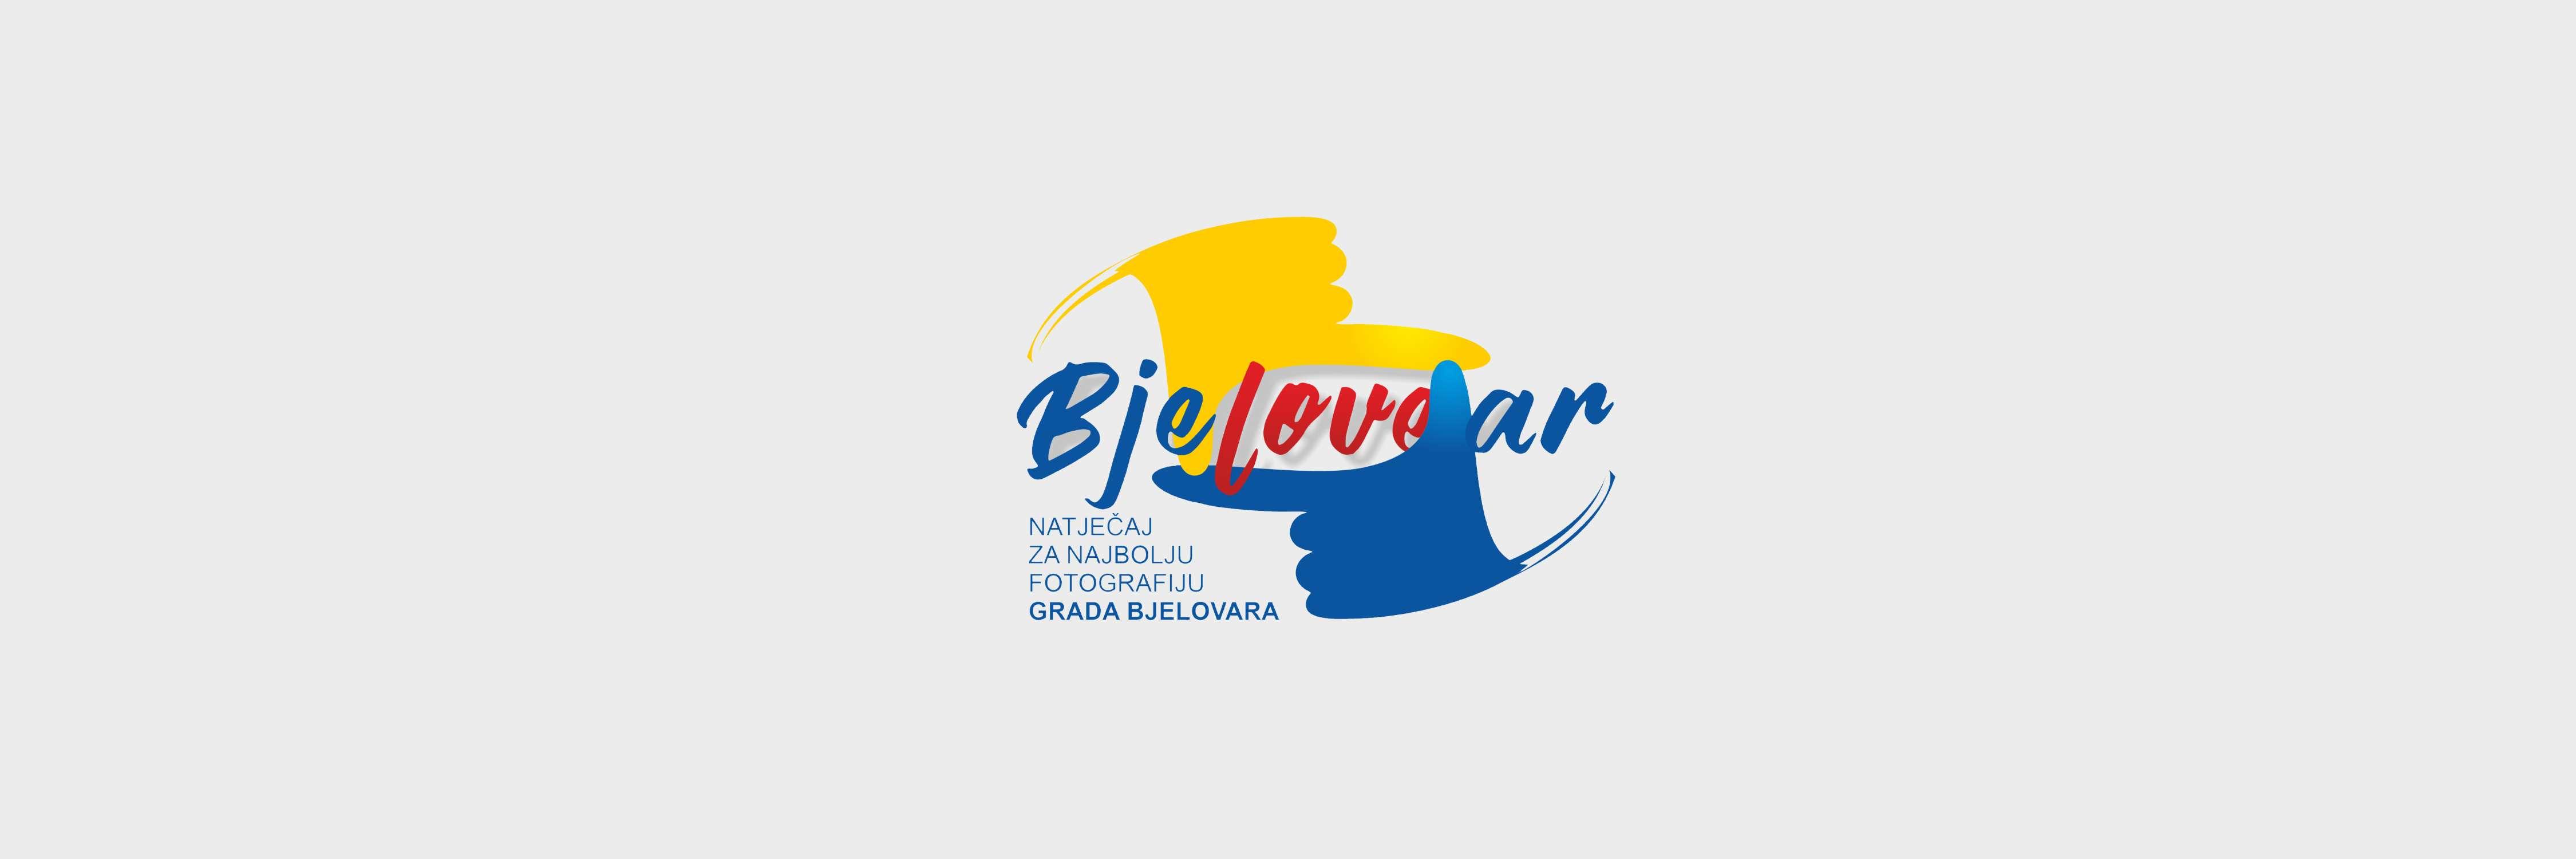 BJE(LOVE)AR - Natječaj za najbolju fotografiju Grada Bjelovara